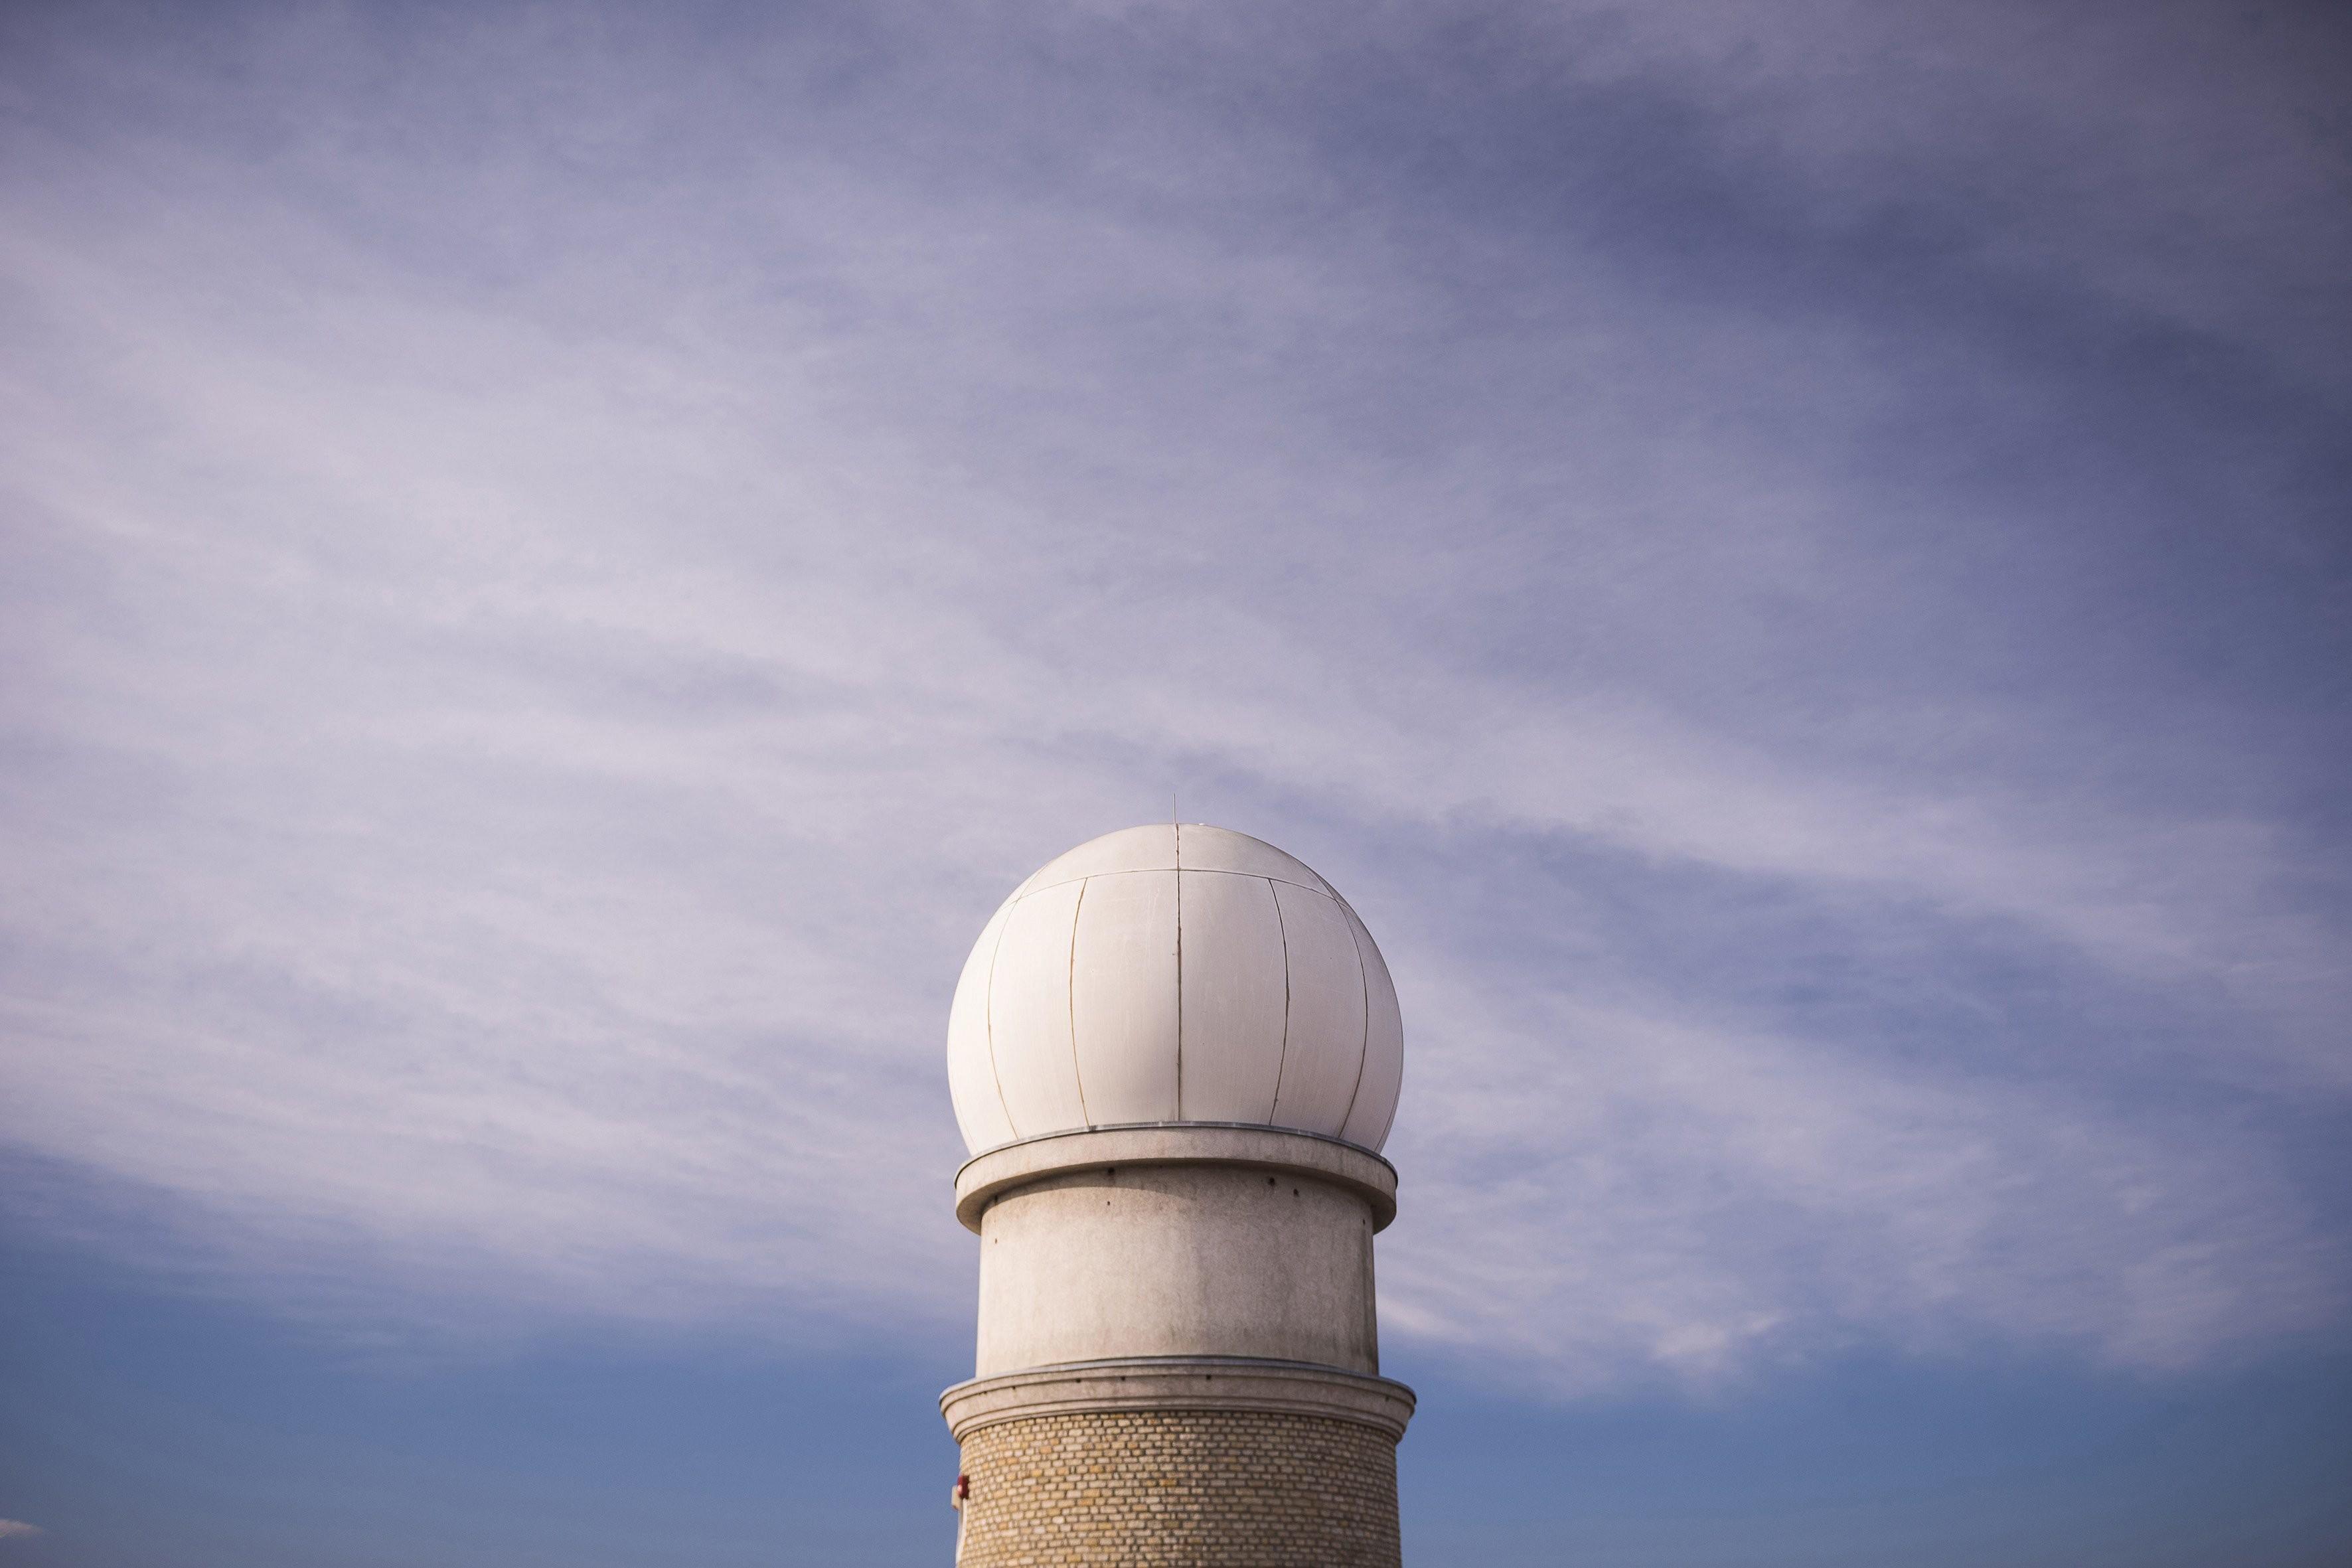 Felújították a napkori radarállomást